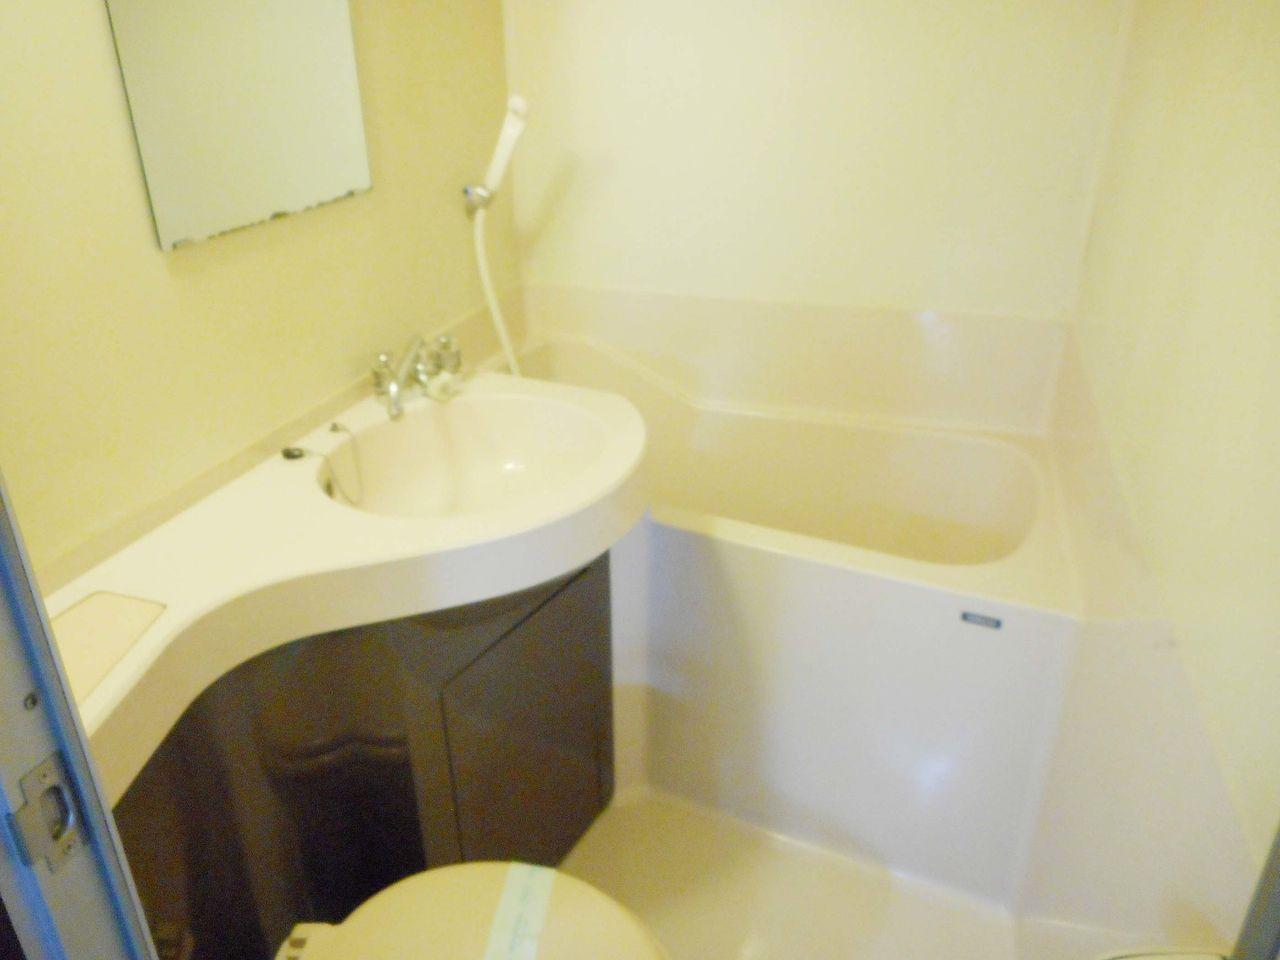 浴槽とトイレ・洗面は一緒になってます